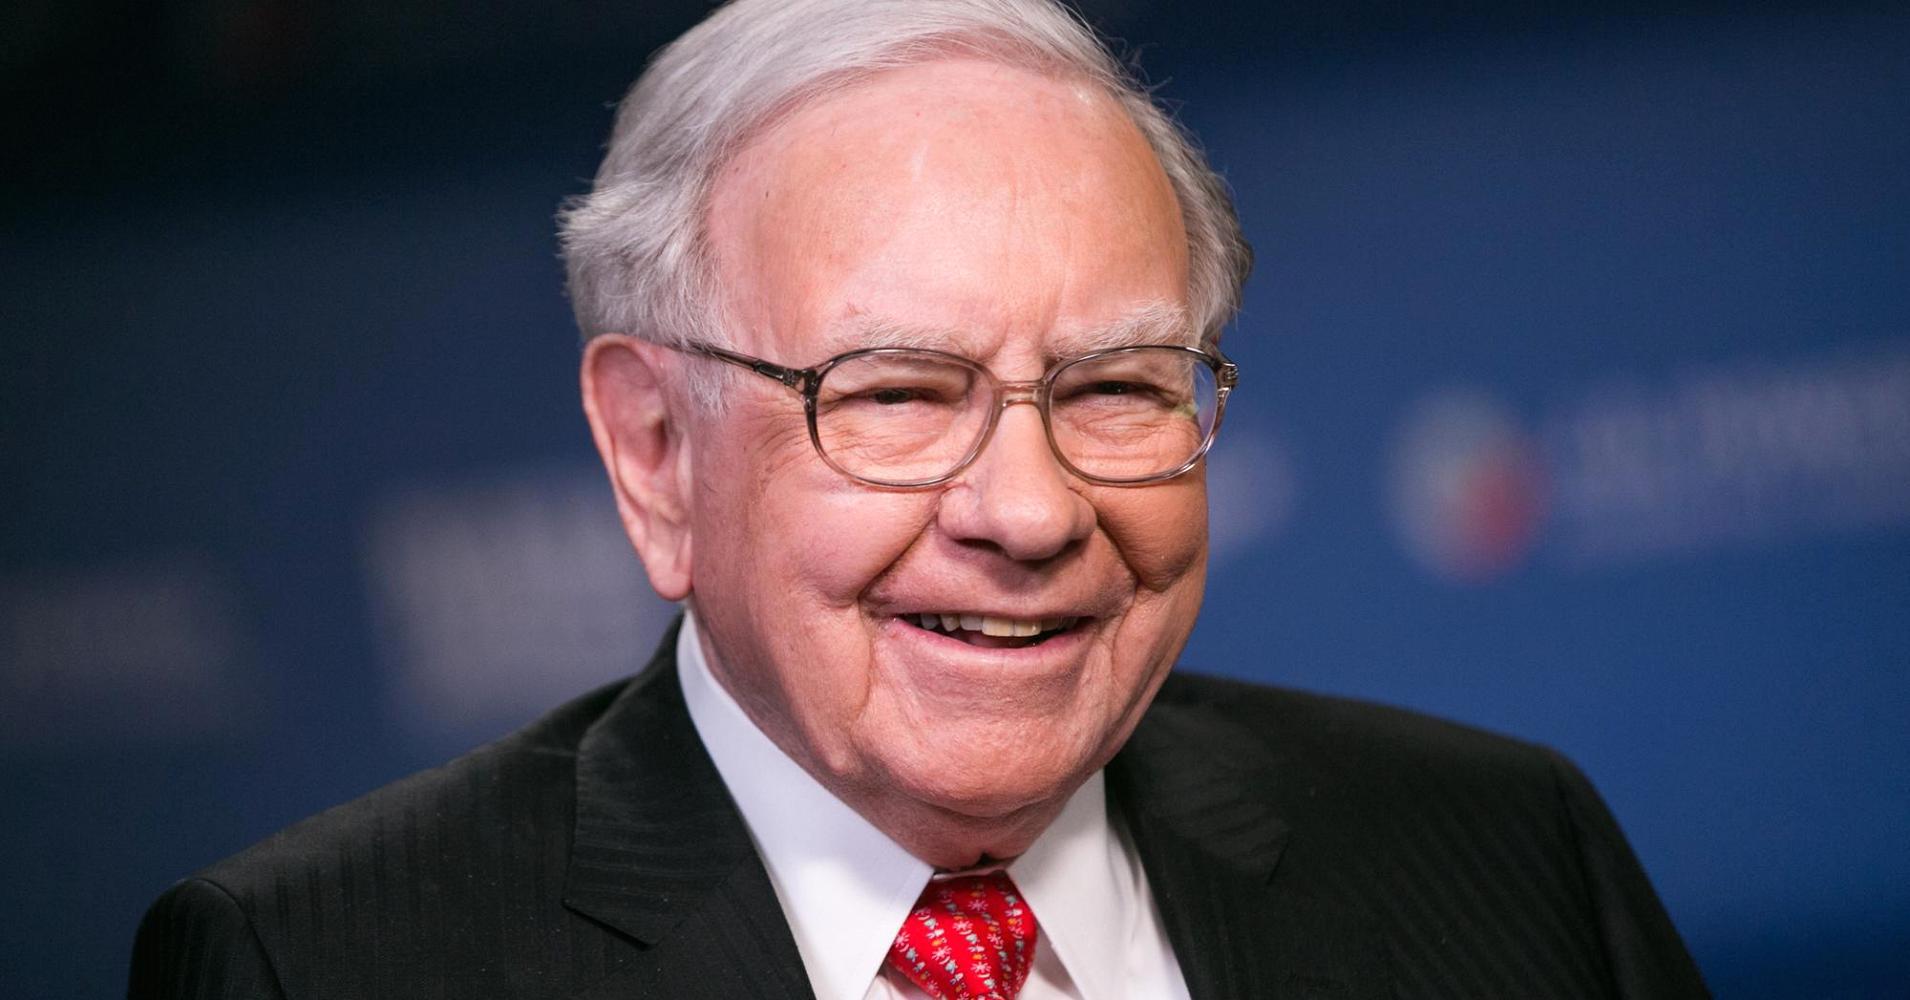 """Để xây dựng đế chế tỷ đô, nhớ ngay bài học từ các doanh nhân """"siêu thành đạt"""" này - 3"""